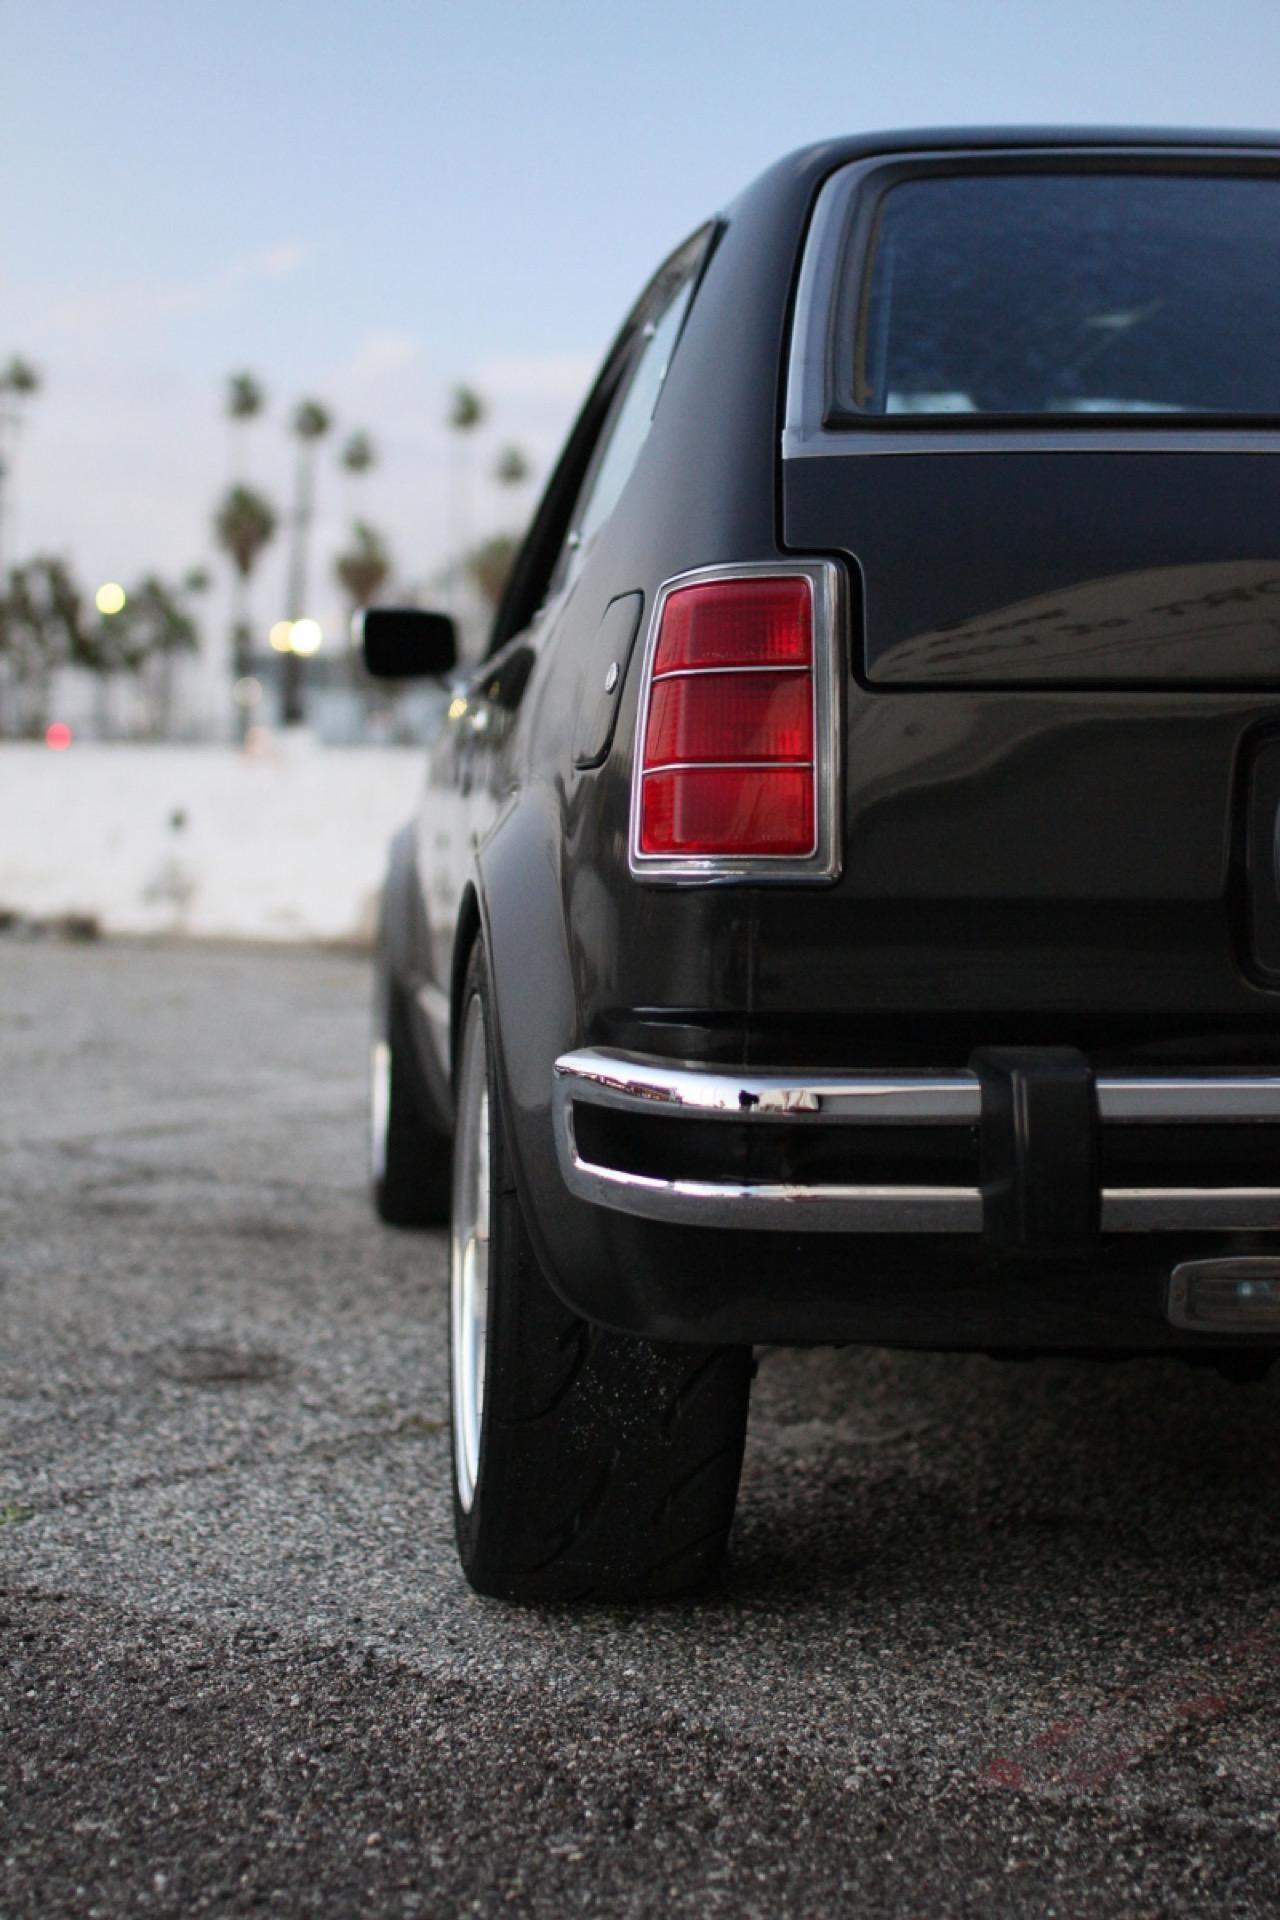 '78 Honda Civic - 218 ch pour 750 kg ! 6